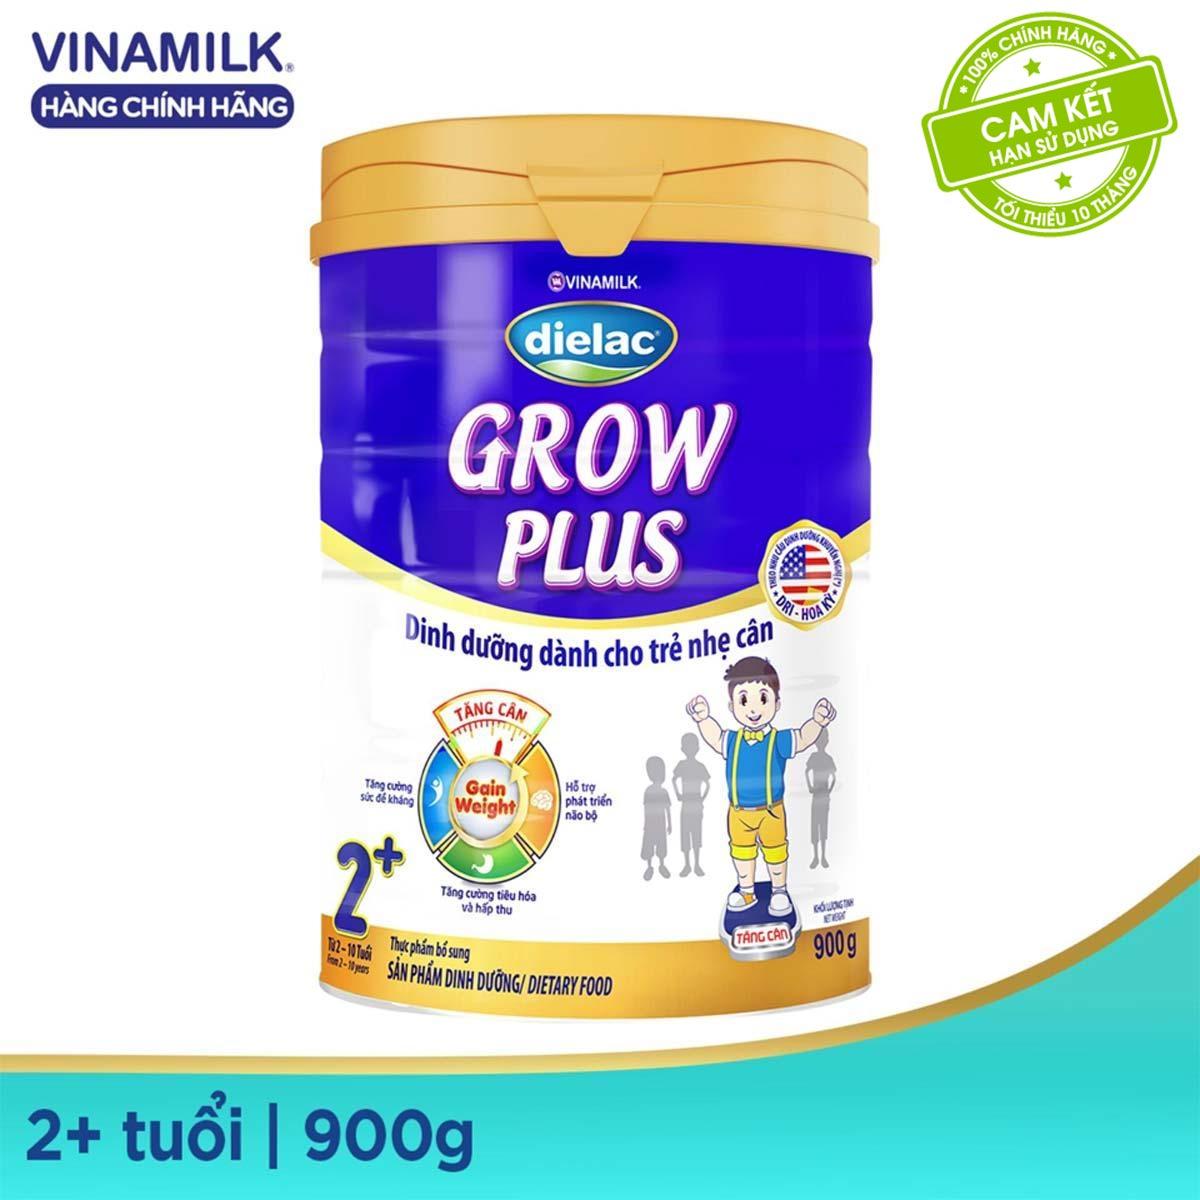 Giảm Giá Khi Mua cho [Freeship HCM & HN] Sữa Bột Dielac Grow Plus 2+ (Màu Xanh) - Hộp Thiếc 900g - Dành Cho Bé 2 Tuổi Trở Lên